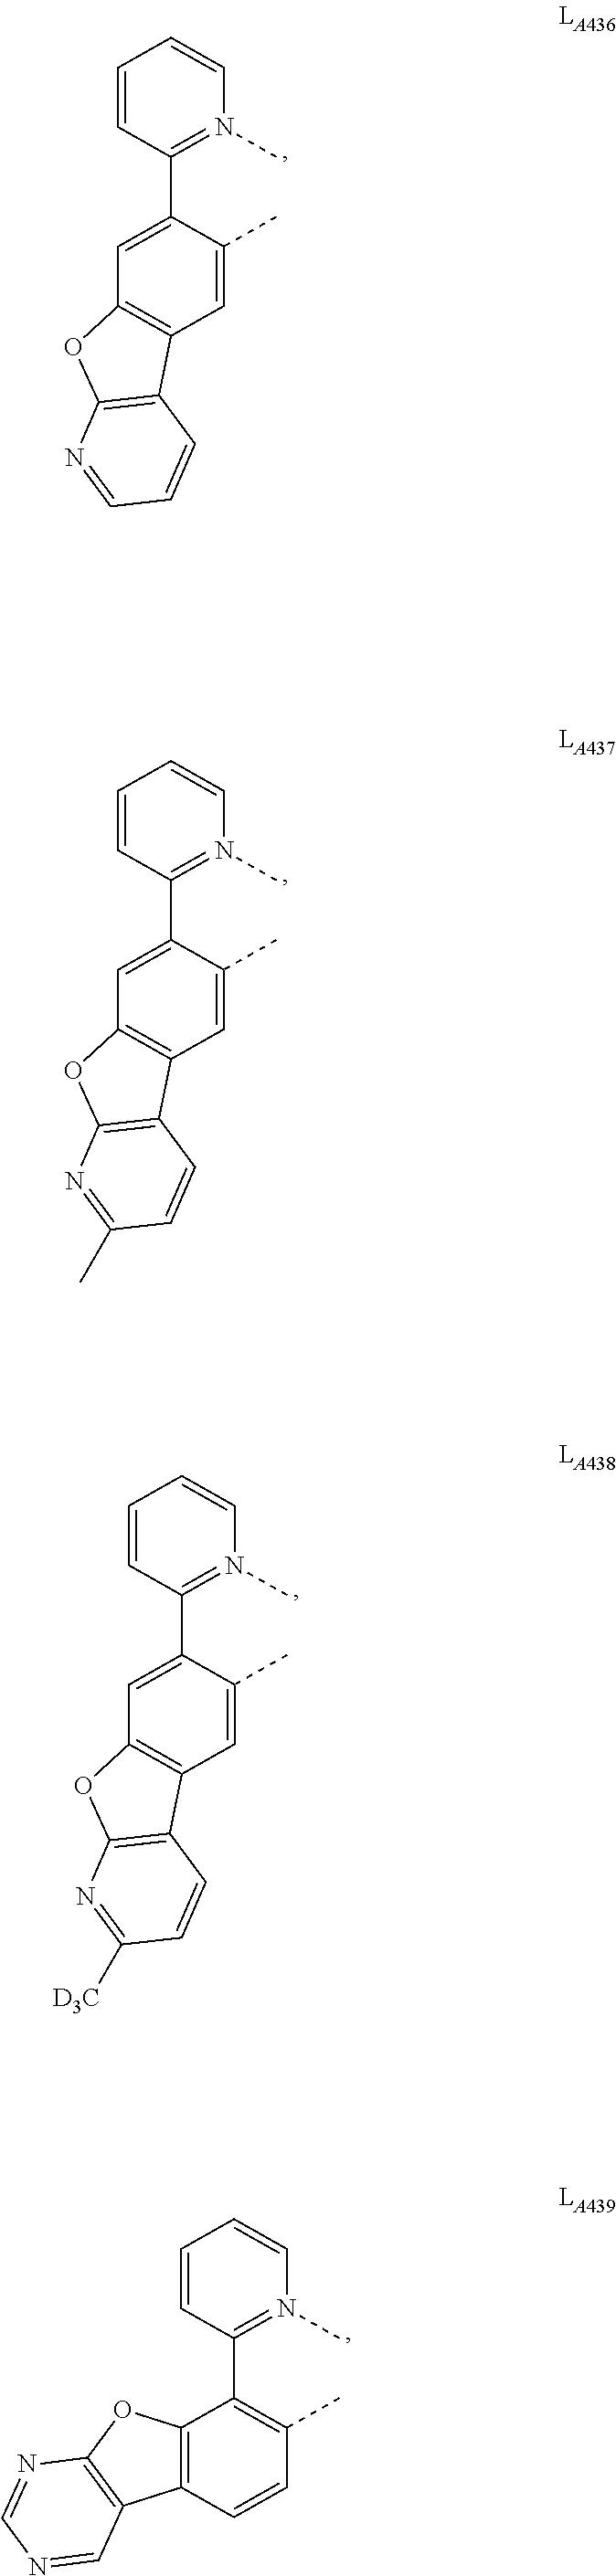 Figure US10043987-20180807-C00116